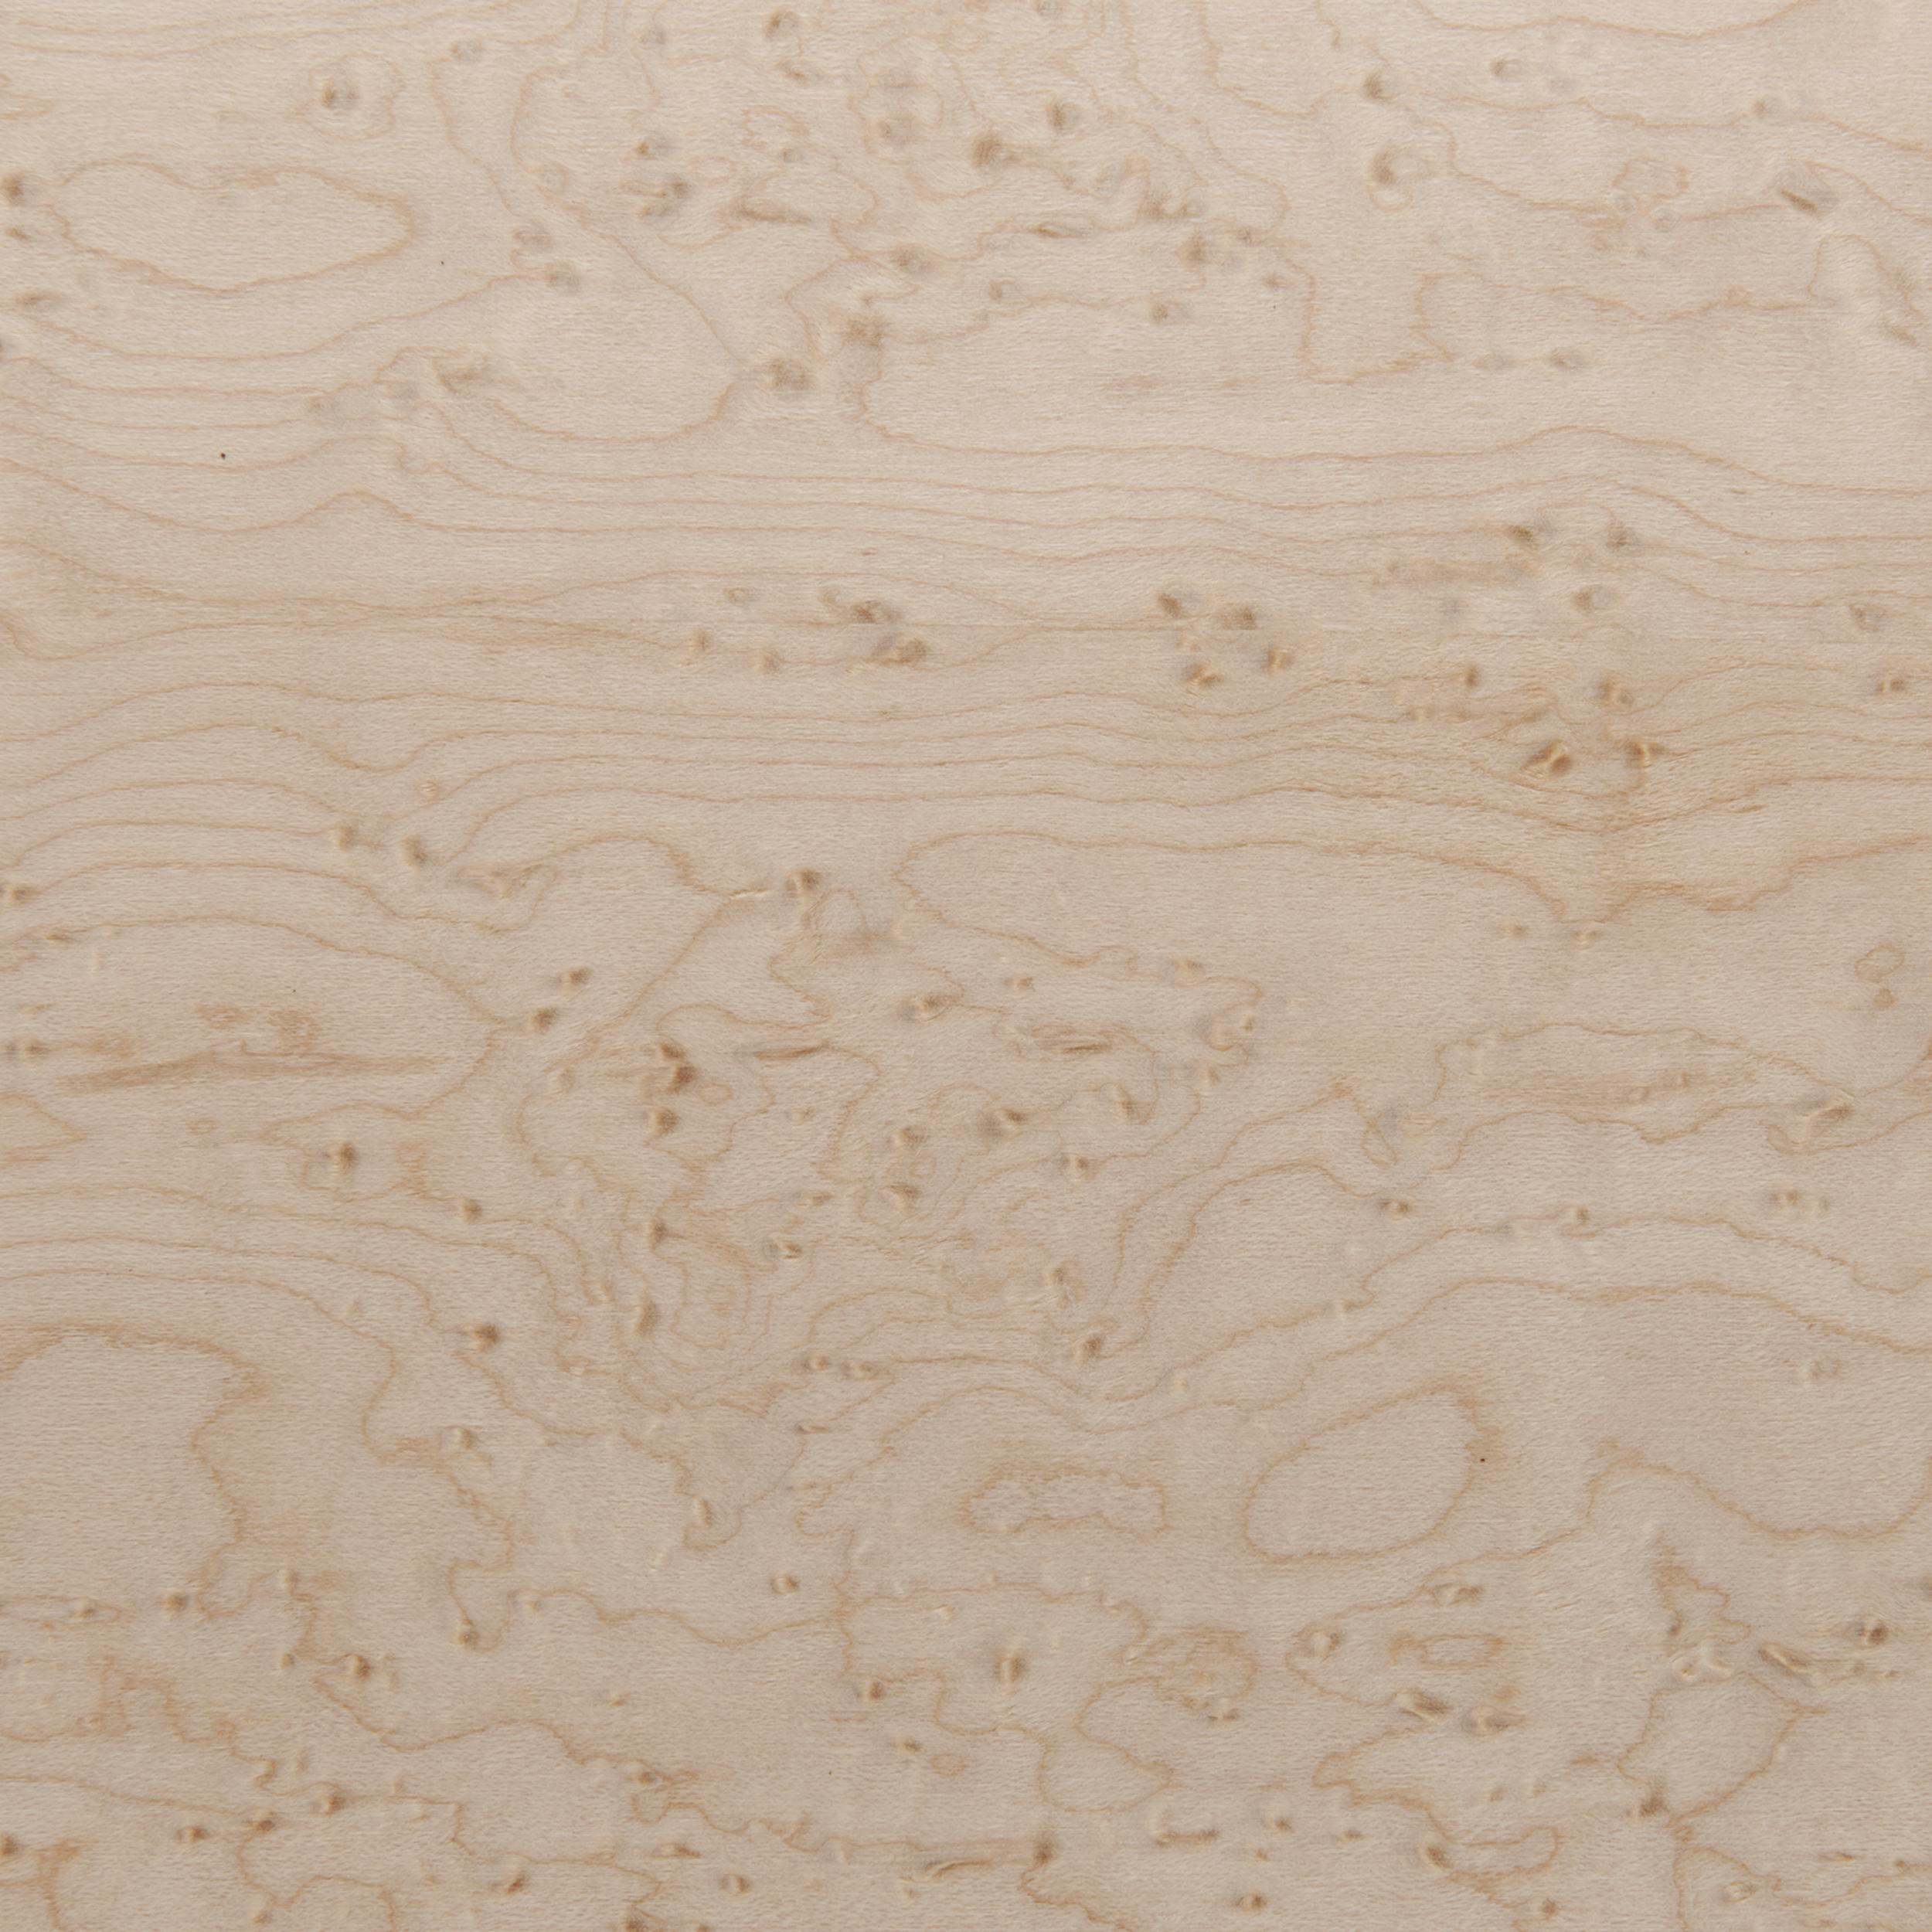 Birdseye Maple, Heavy Eye 4'X8' Veneer Sheet, 3M PSA Backed